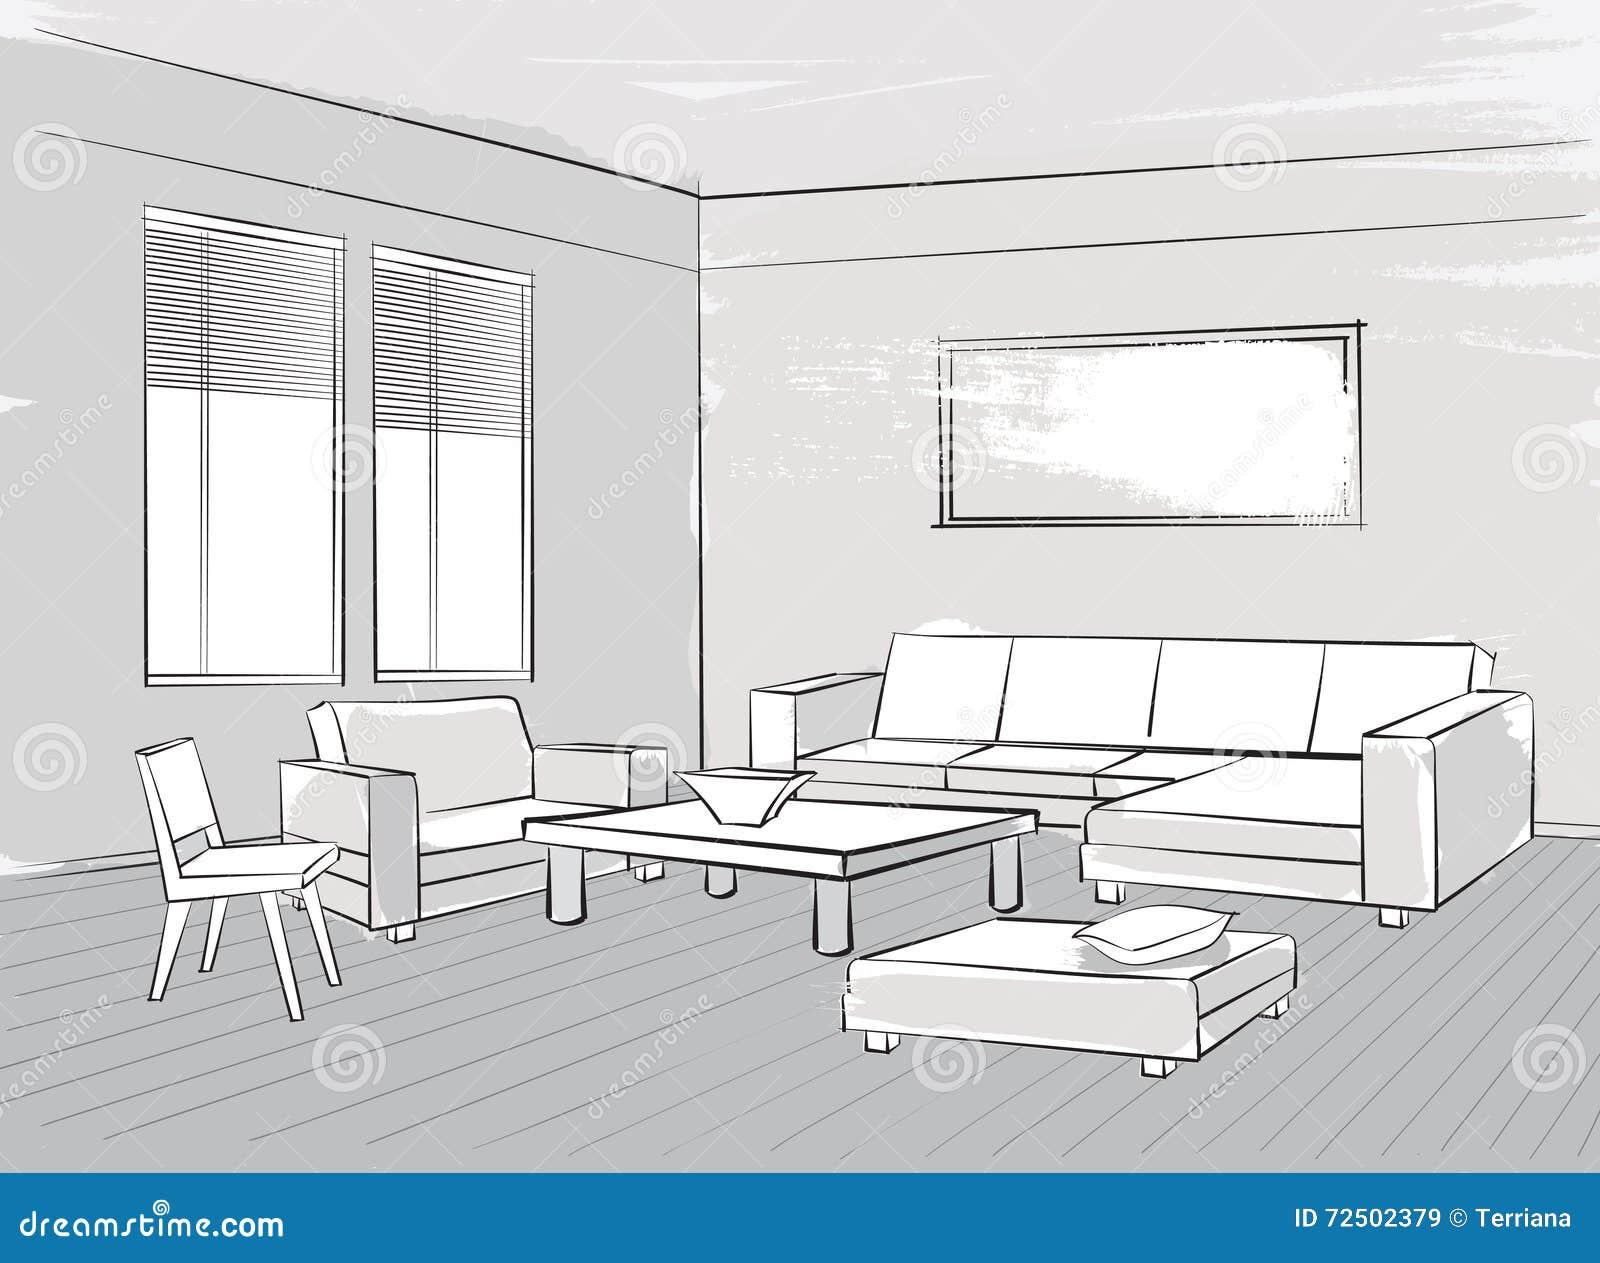 skizze des innenraums sch ner raum wohnzimmer m bel stockfoto bild 72502379. Black Bedroom Furniture Sets. Home Design Ideas